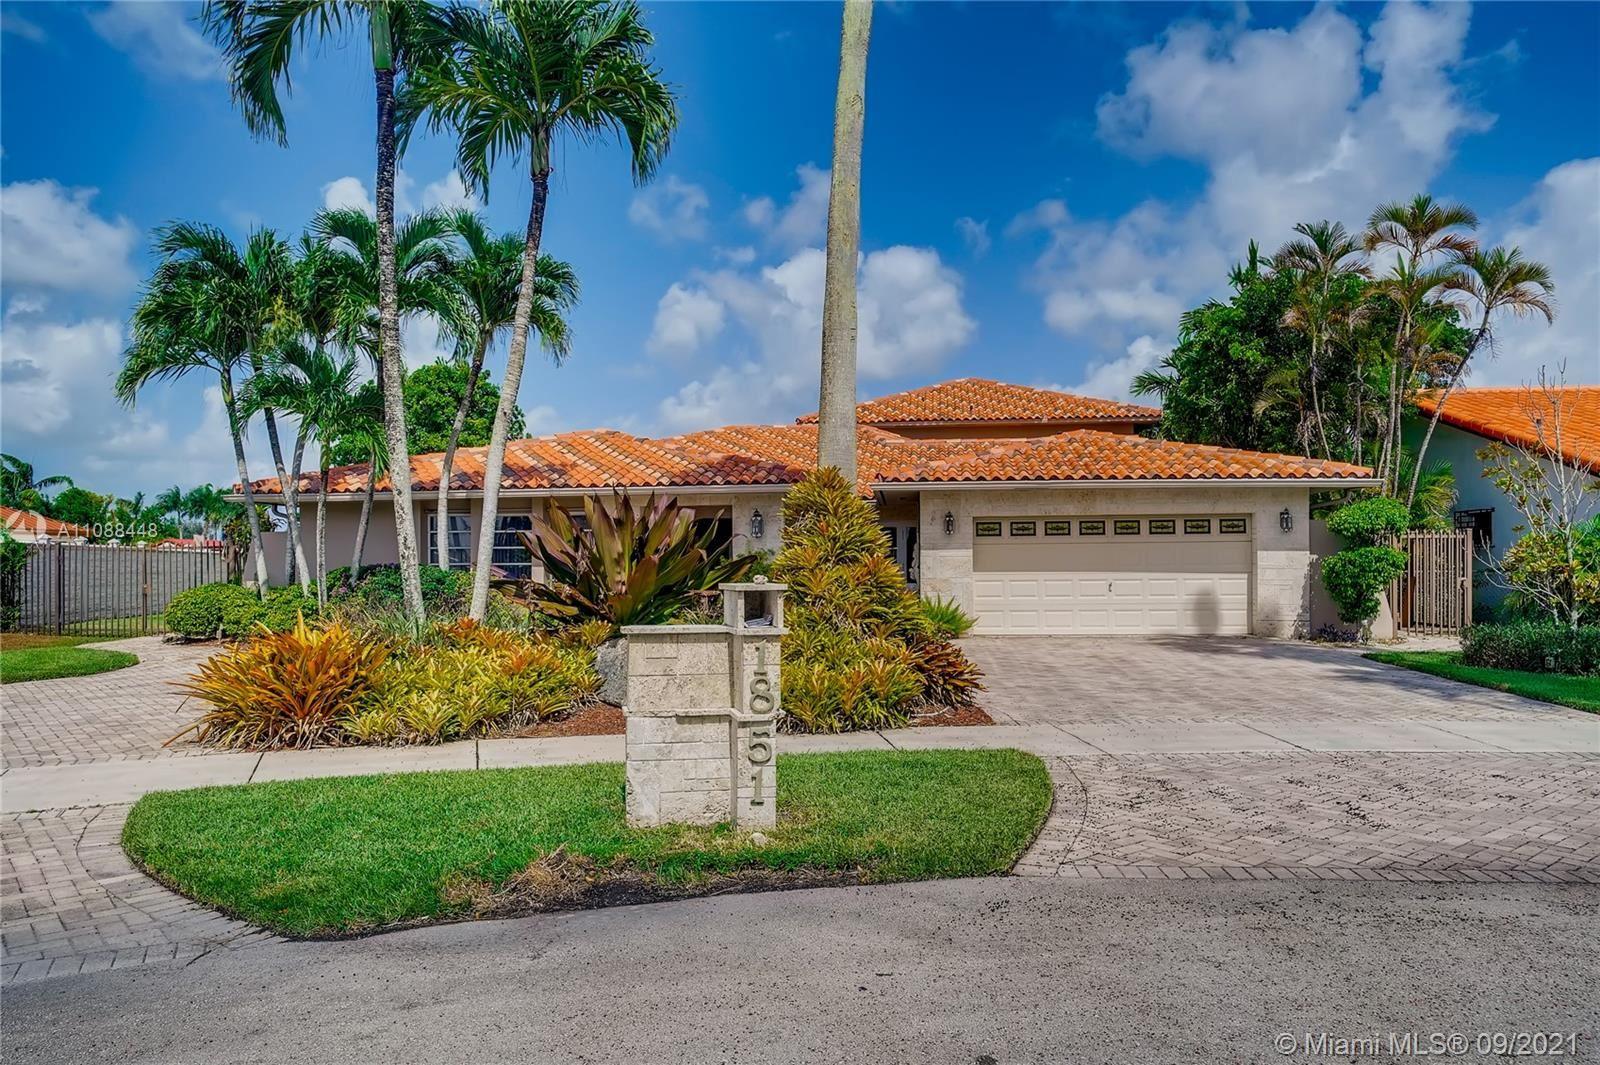 1851 SW 126th Ct, Miami, FL 33175 - #: A11088448